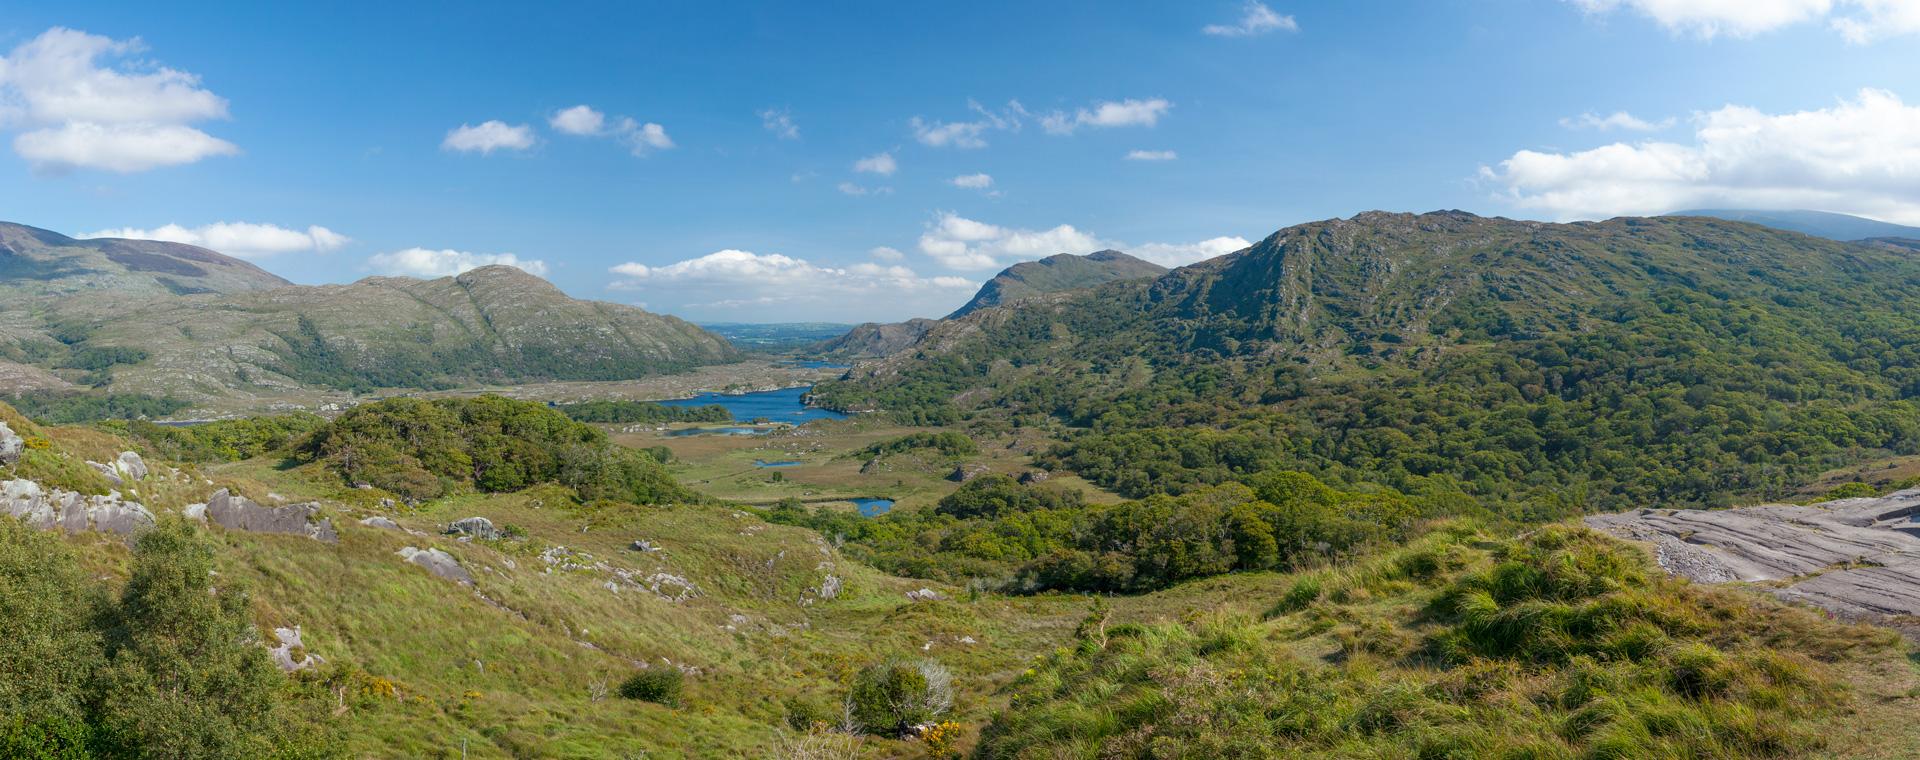 Image L'Anneau du Kerry et le parc national de Killarney